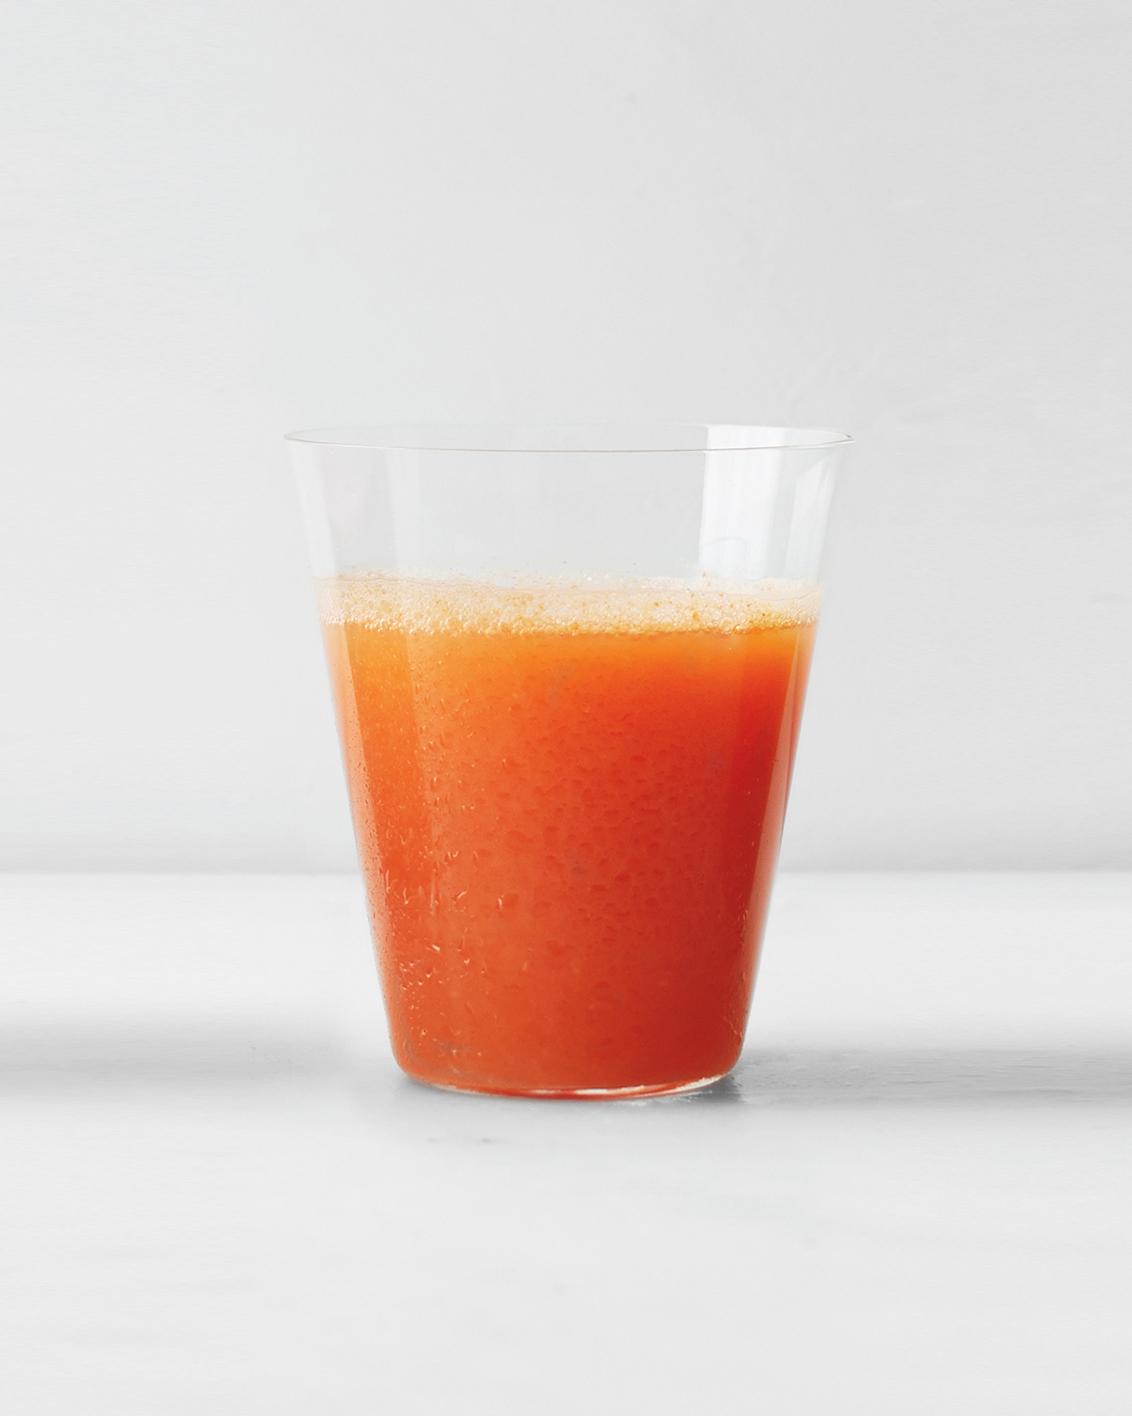 clean-slate-juice-grapefruit-carrot-ginger-0115.jpg